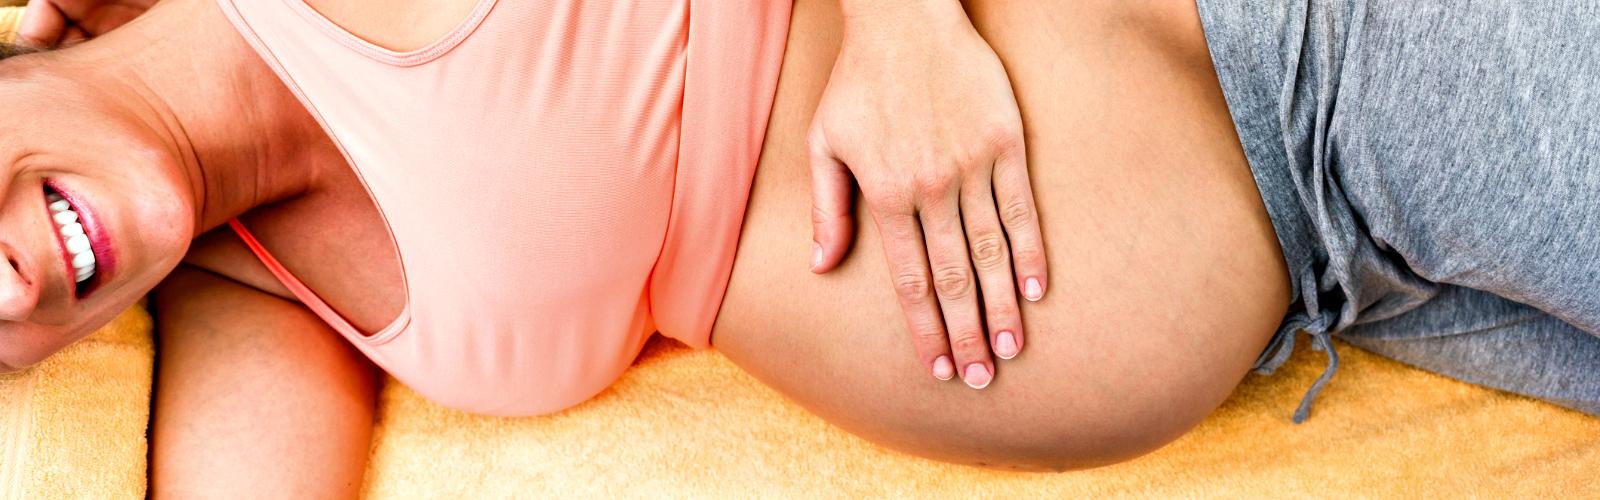 Fernie Pregnancy Masseuse - 1600x500